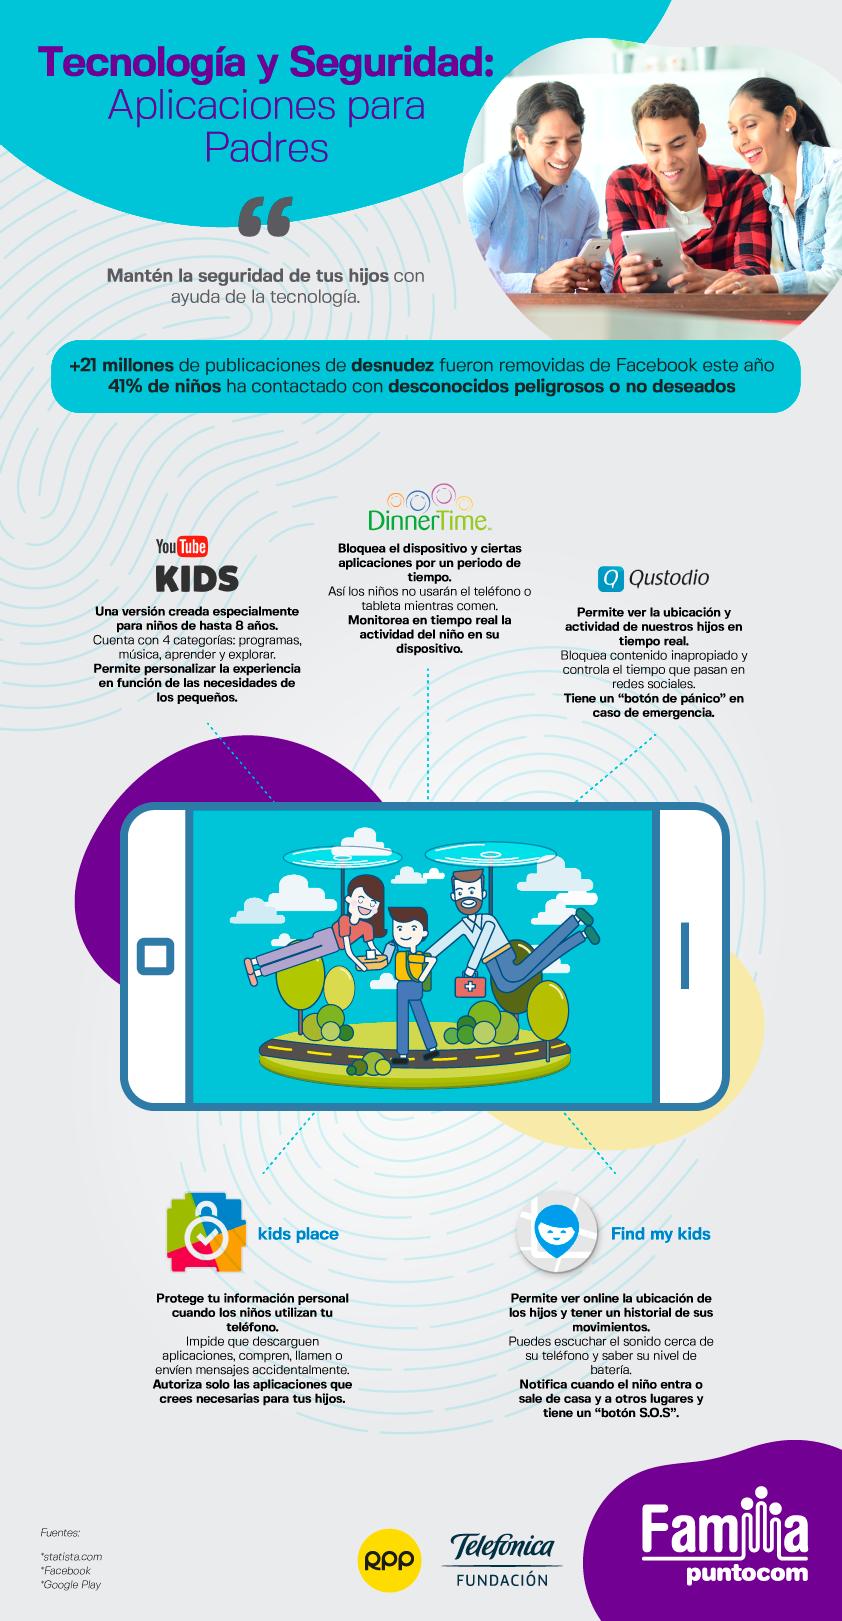 Tecnología y seguridad: Aplicaciones para padres